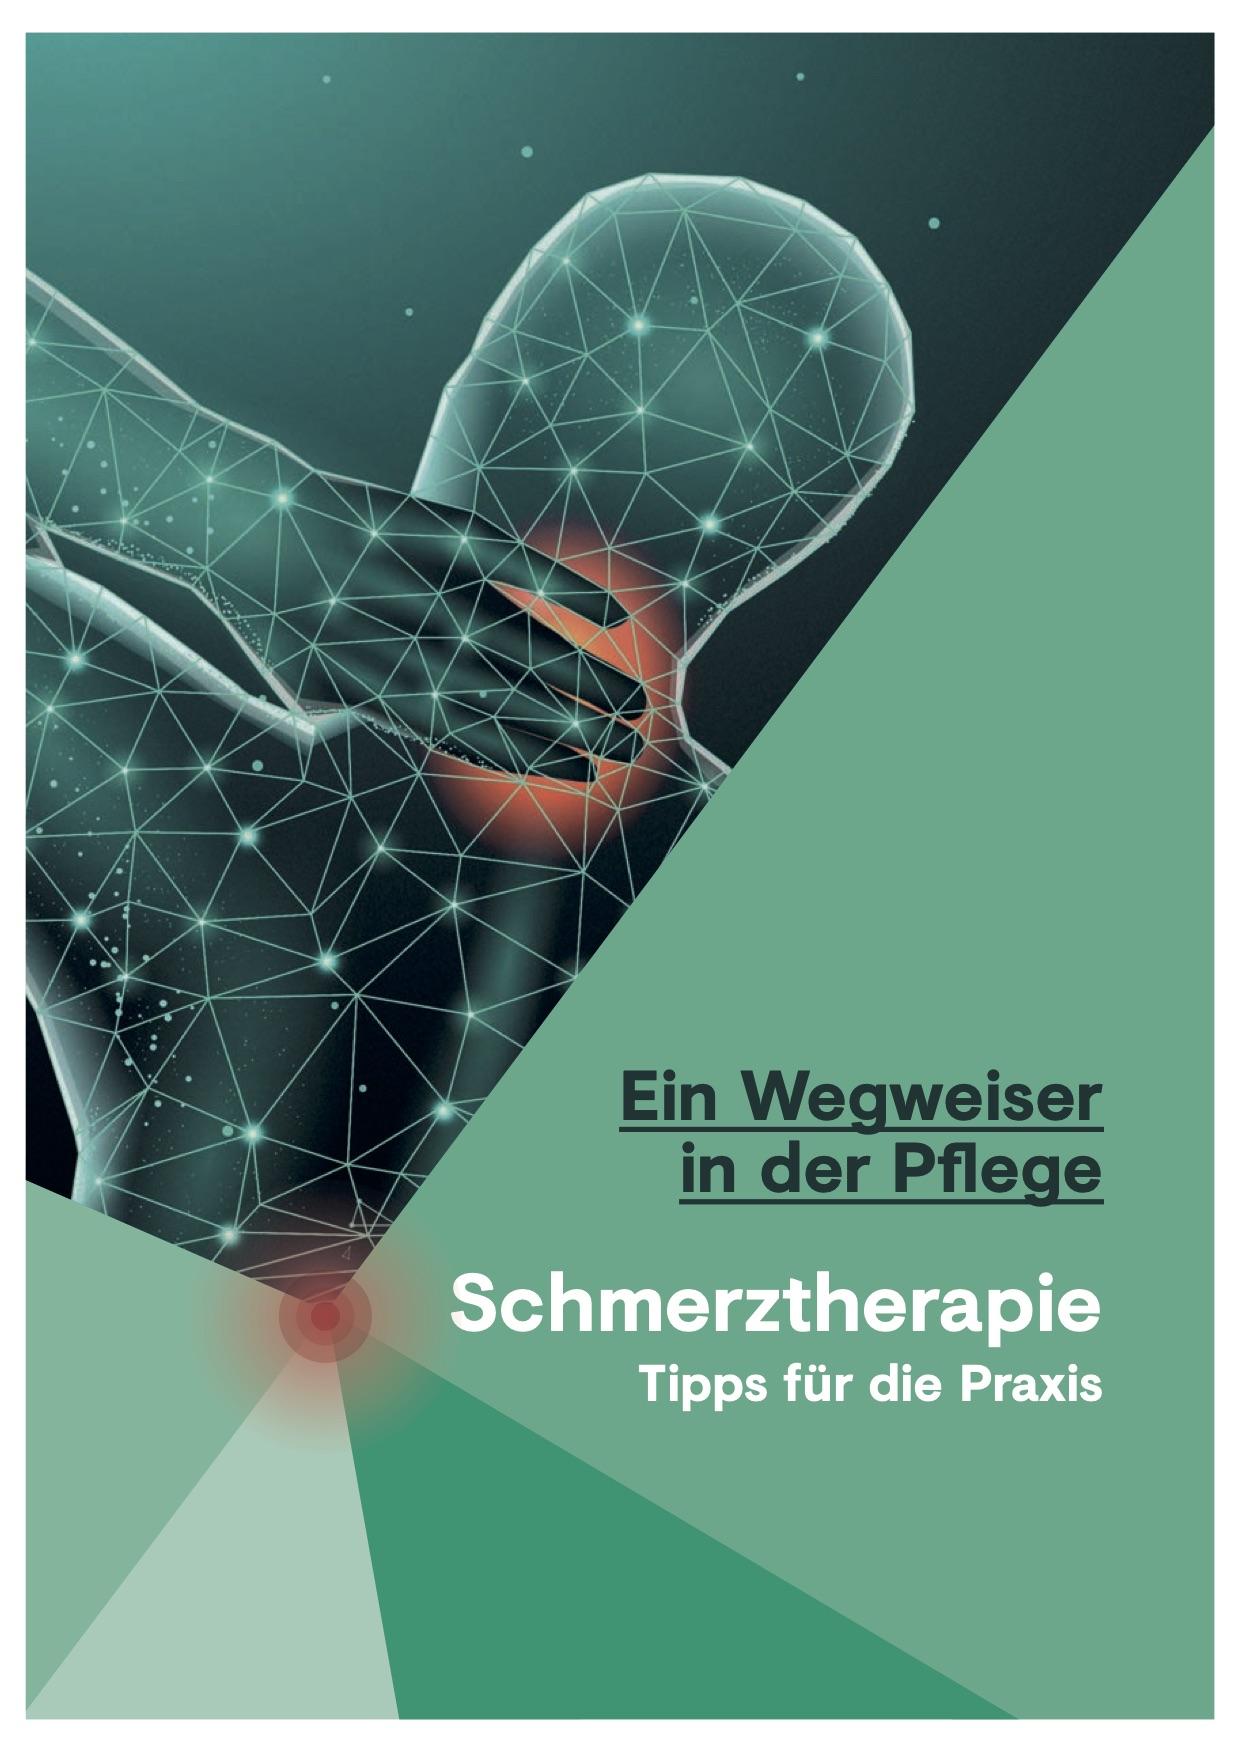 """""""Schmerztherapie: Tipps für die Praxis – Ein Wegweiser in der Pflege"""" von Prim. Univ.-Prof. Dr. Likar und OÄ Dr. Stromer"""